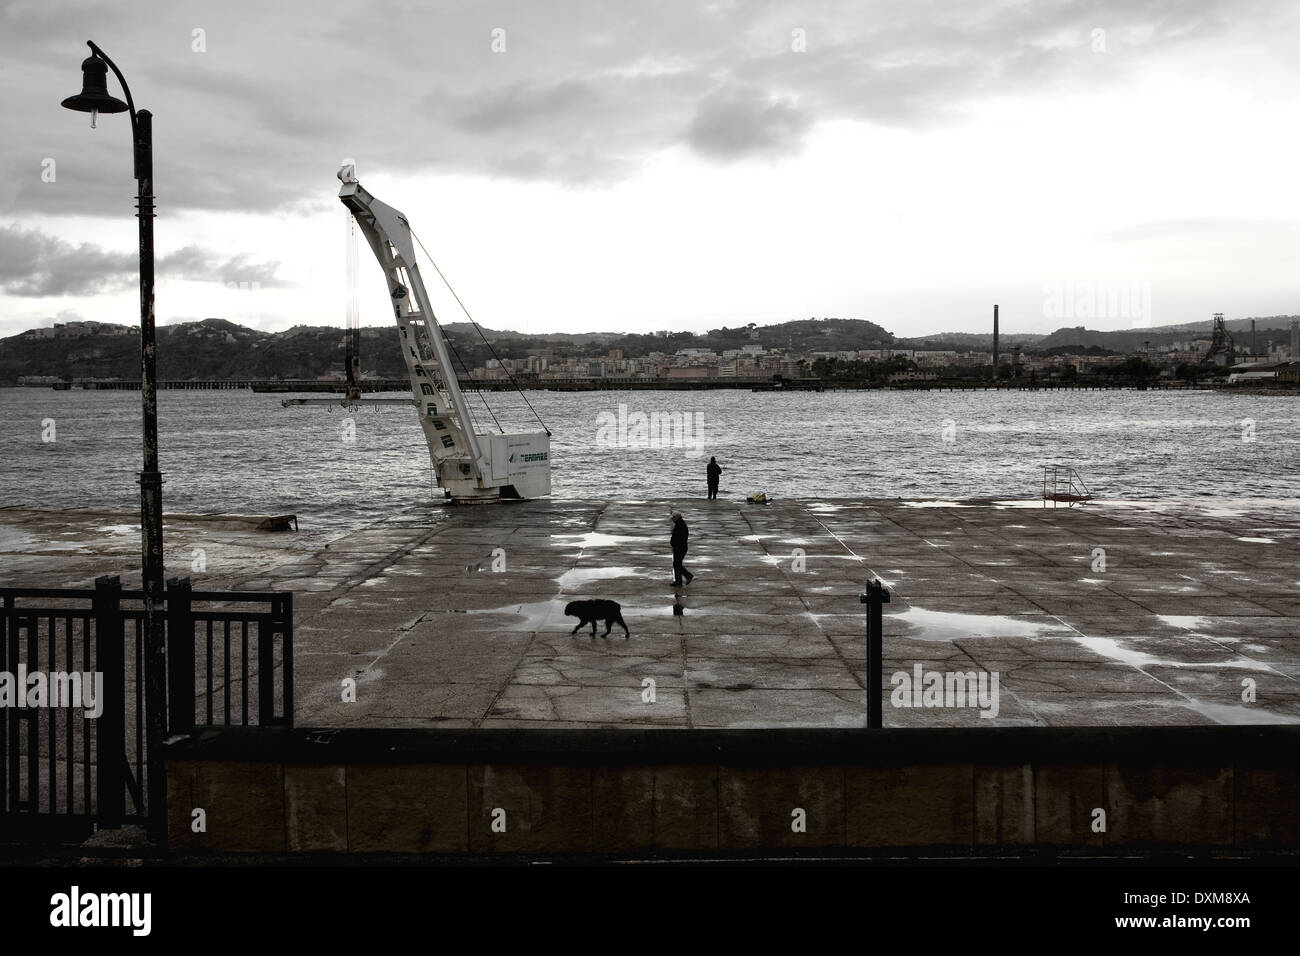 Neapel (Italien) - Coroglio, die Brücke verbindet das Festland mit Insel Nisida Stockfoto